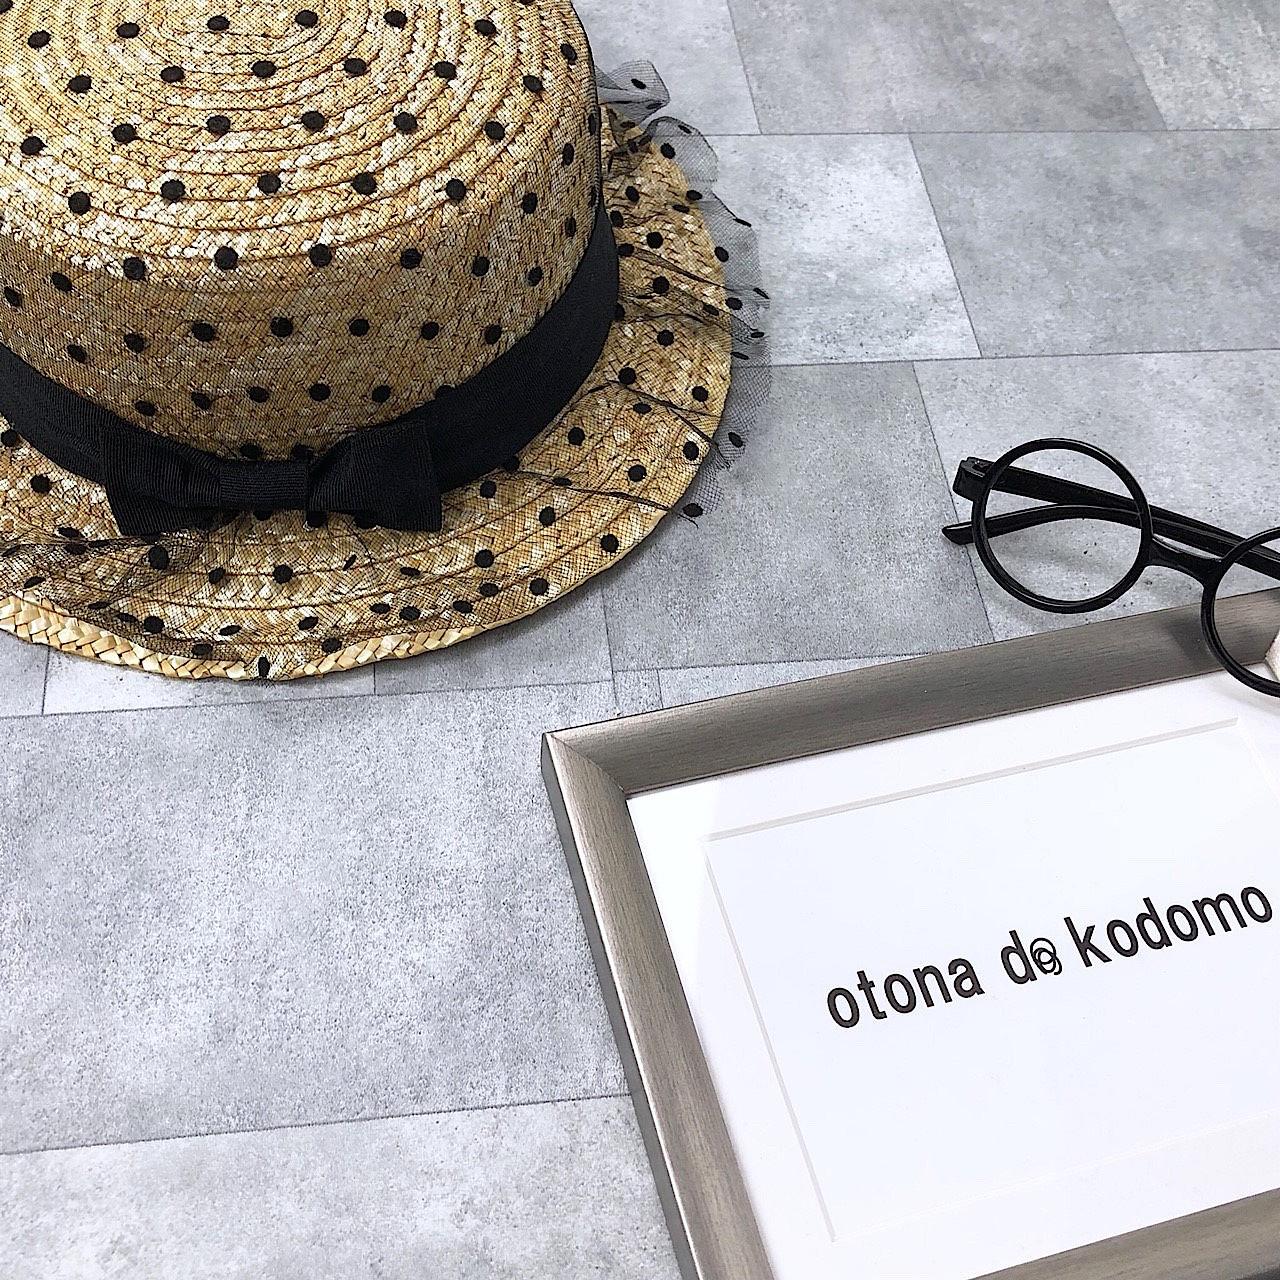 ドットレースカンカン帽no.805014